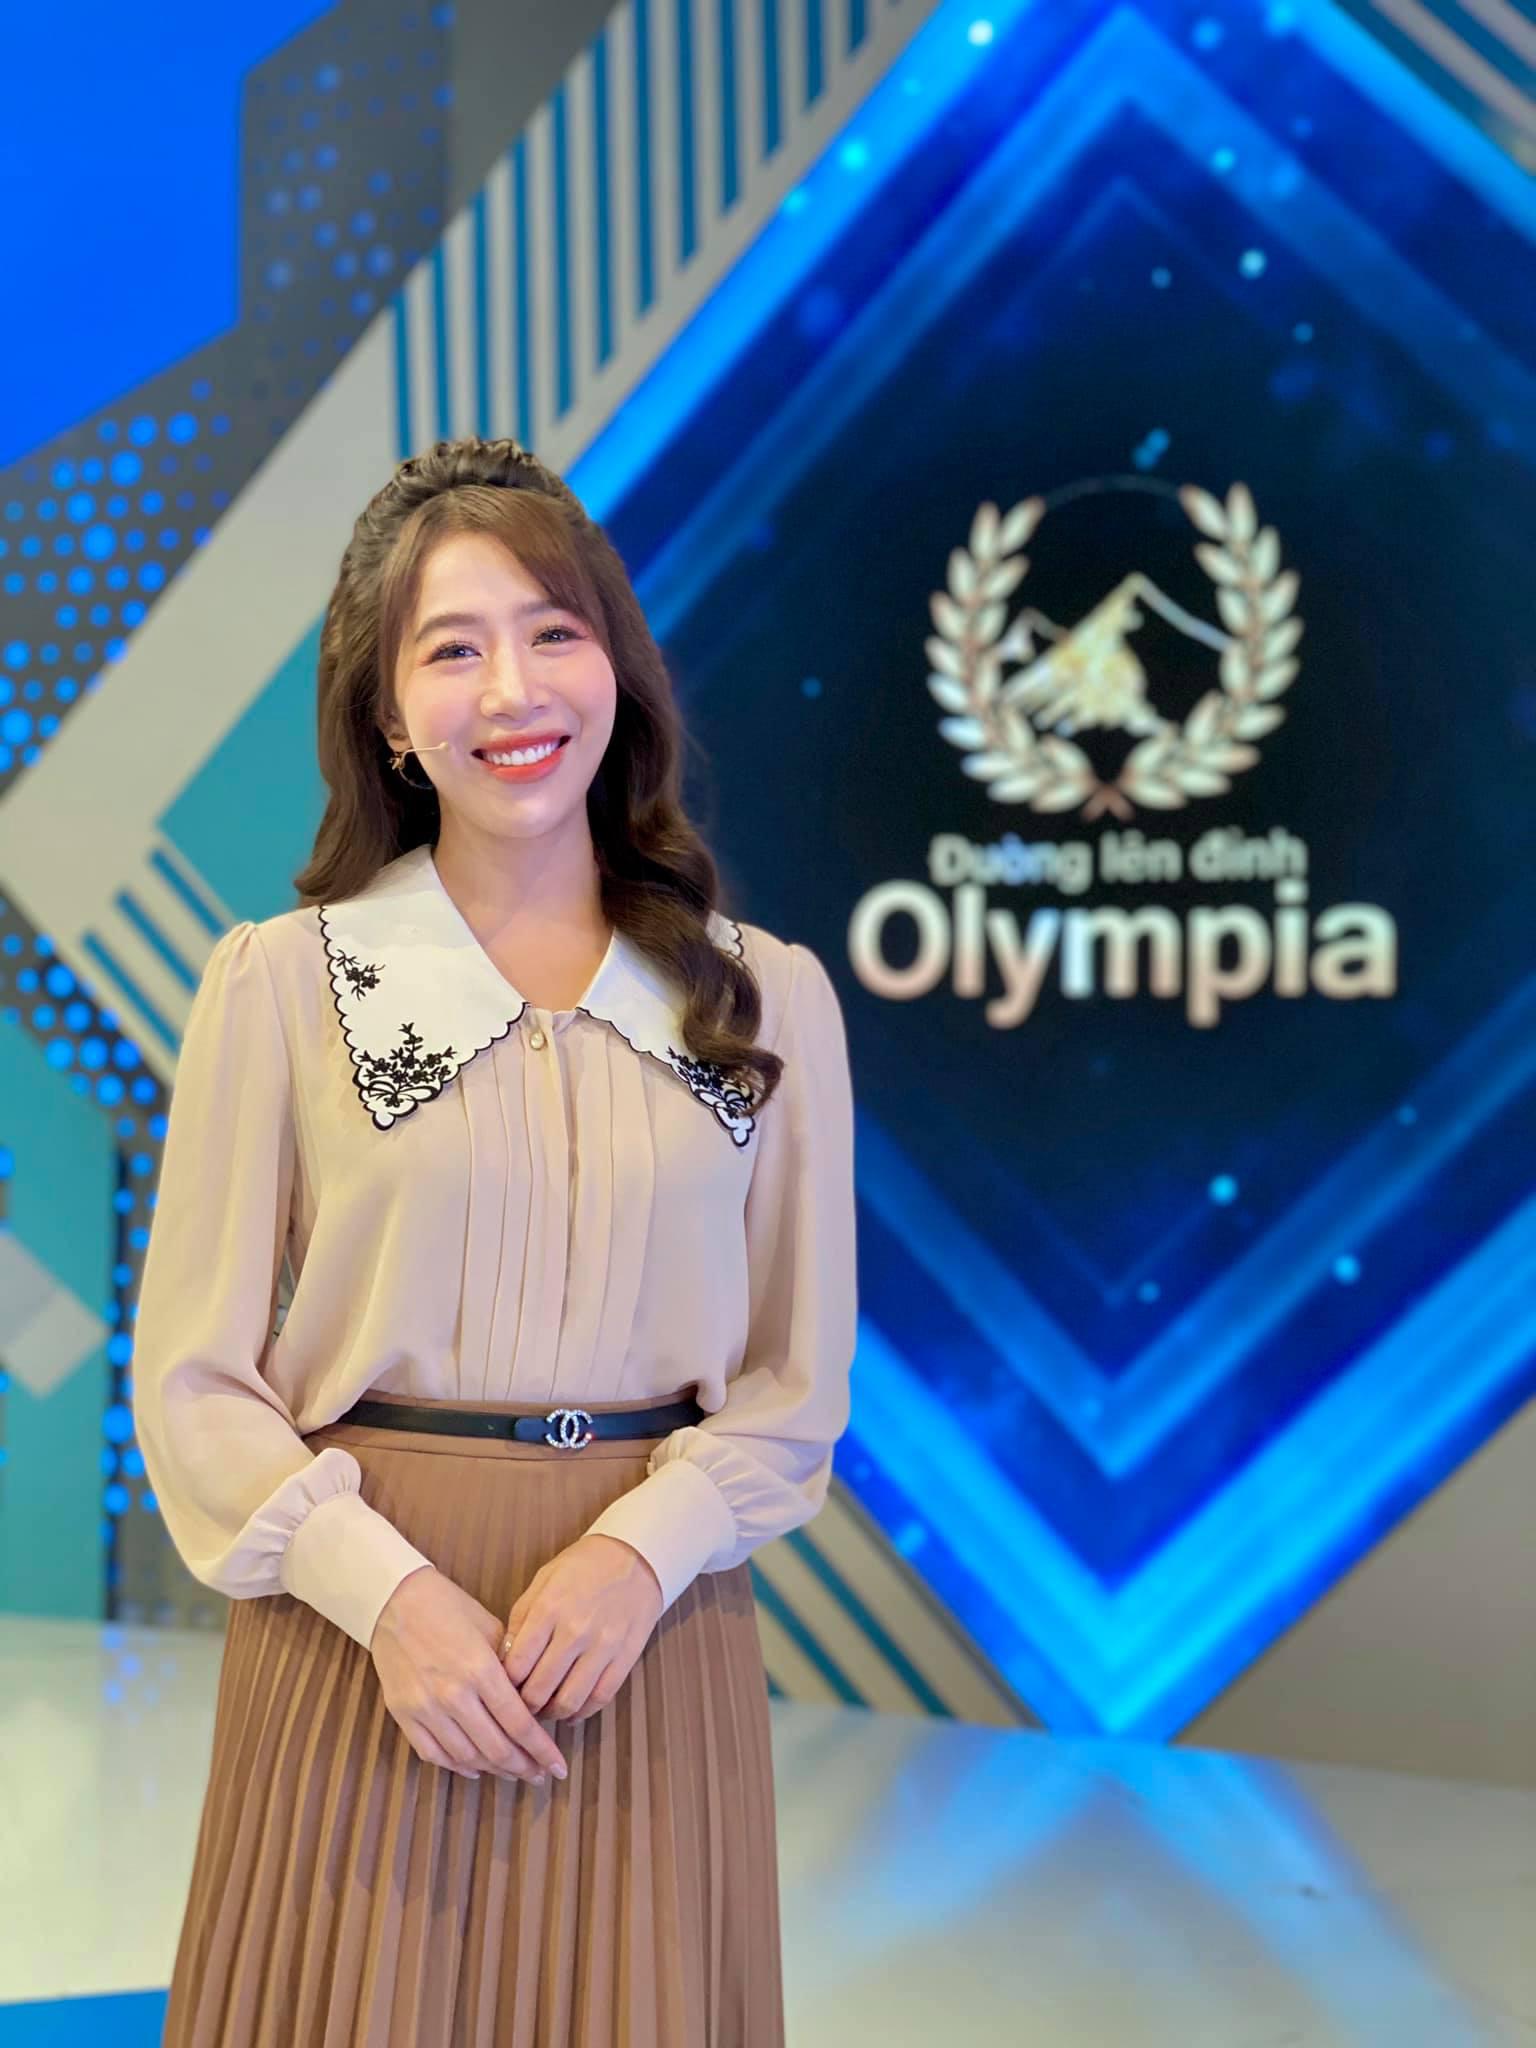 """Vì sao phát ngôn MC Diệp Chi giữa vụ nữ Quán quân Olympia 2020 bị """"ném đá"""" về thái độ lại gây """"sốt"""" mạng? - Ảnh 2."""